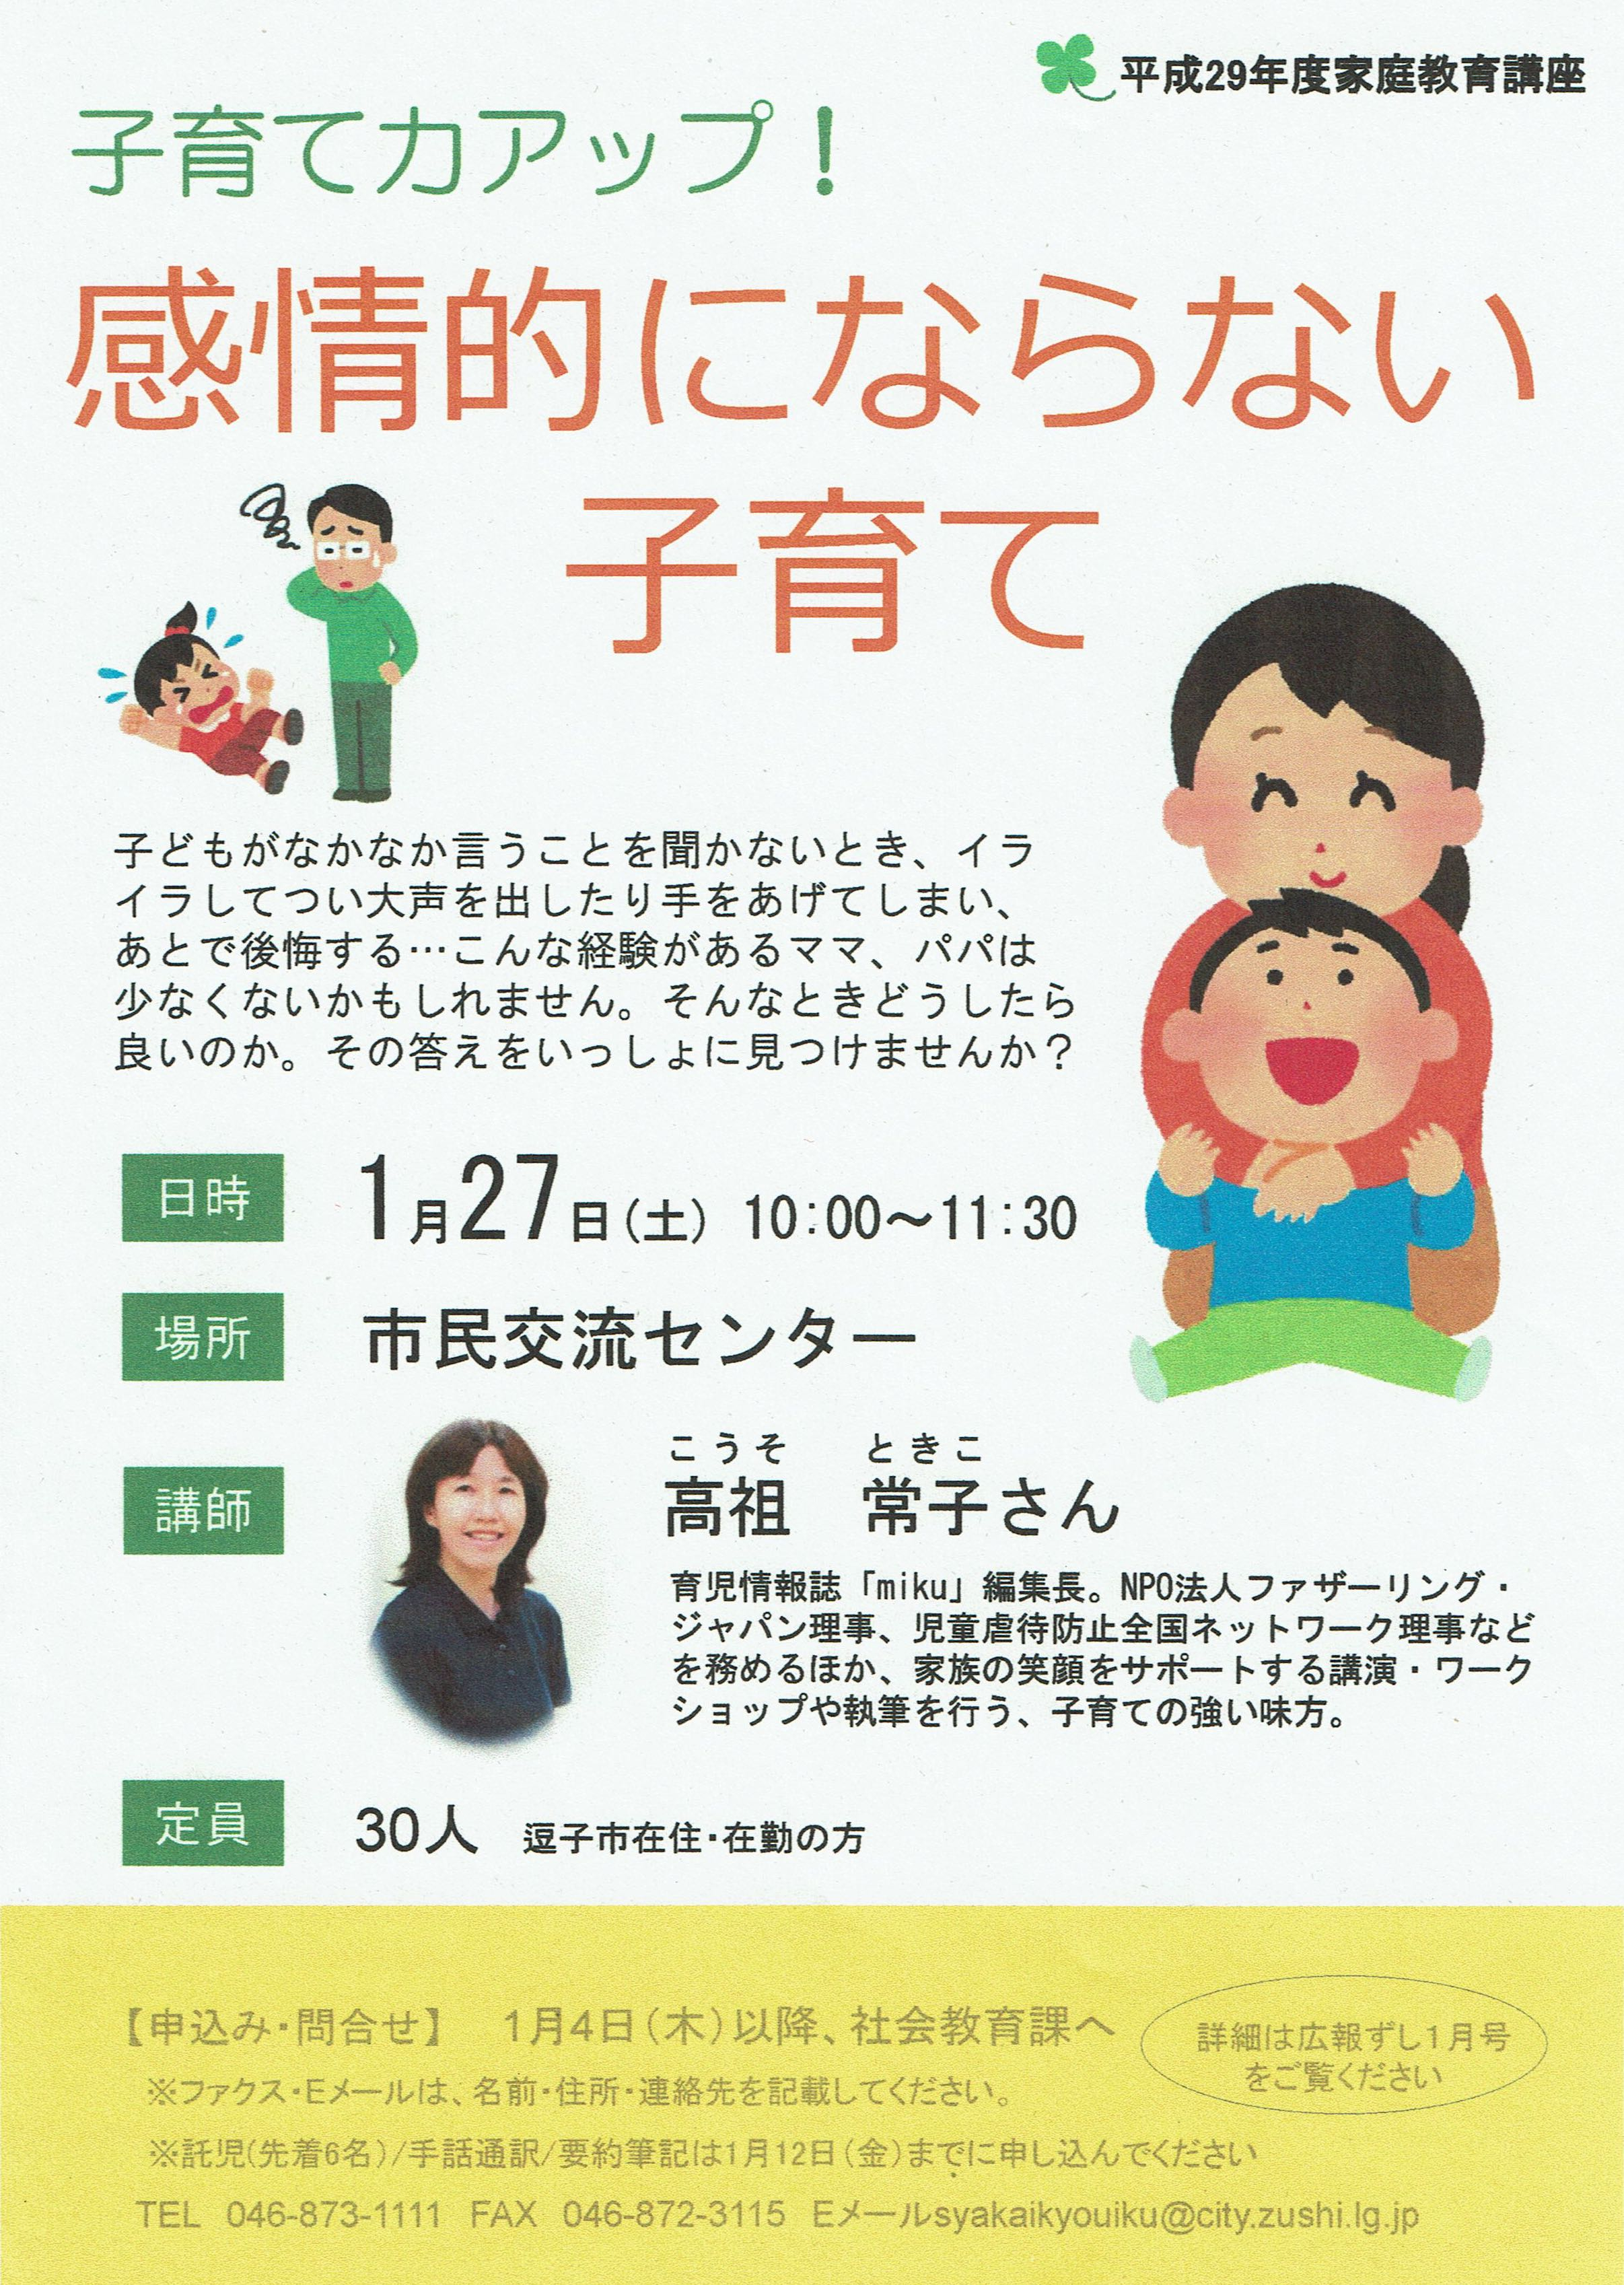 来年1月27日に高祖さん「感情的にならない子育て」講座を逗子市主催で〜申込受付開始は年明けから